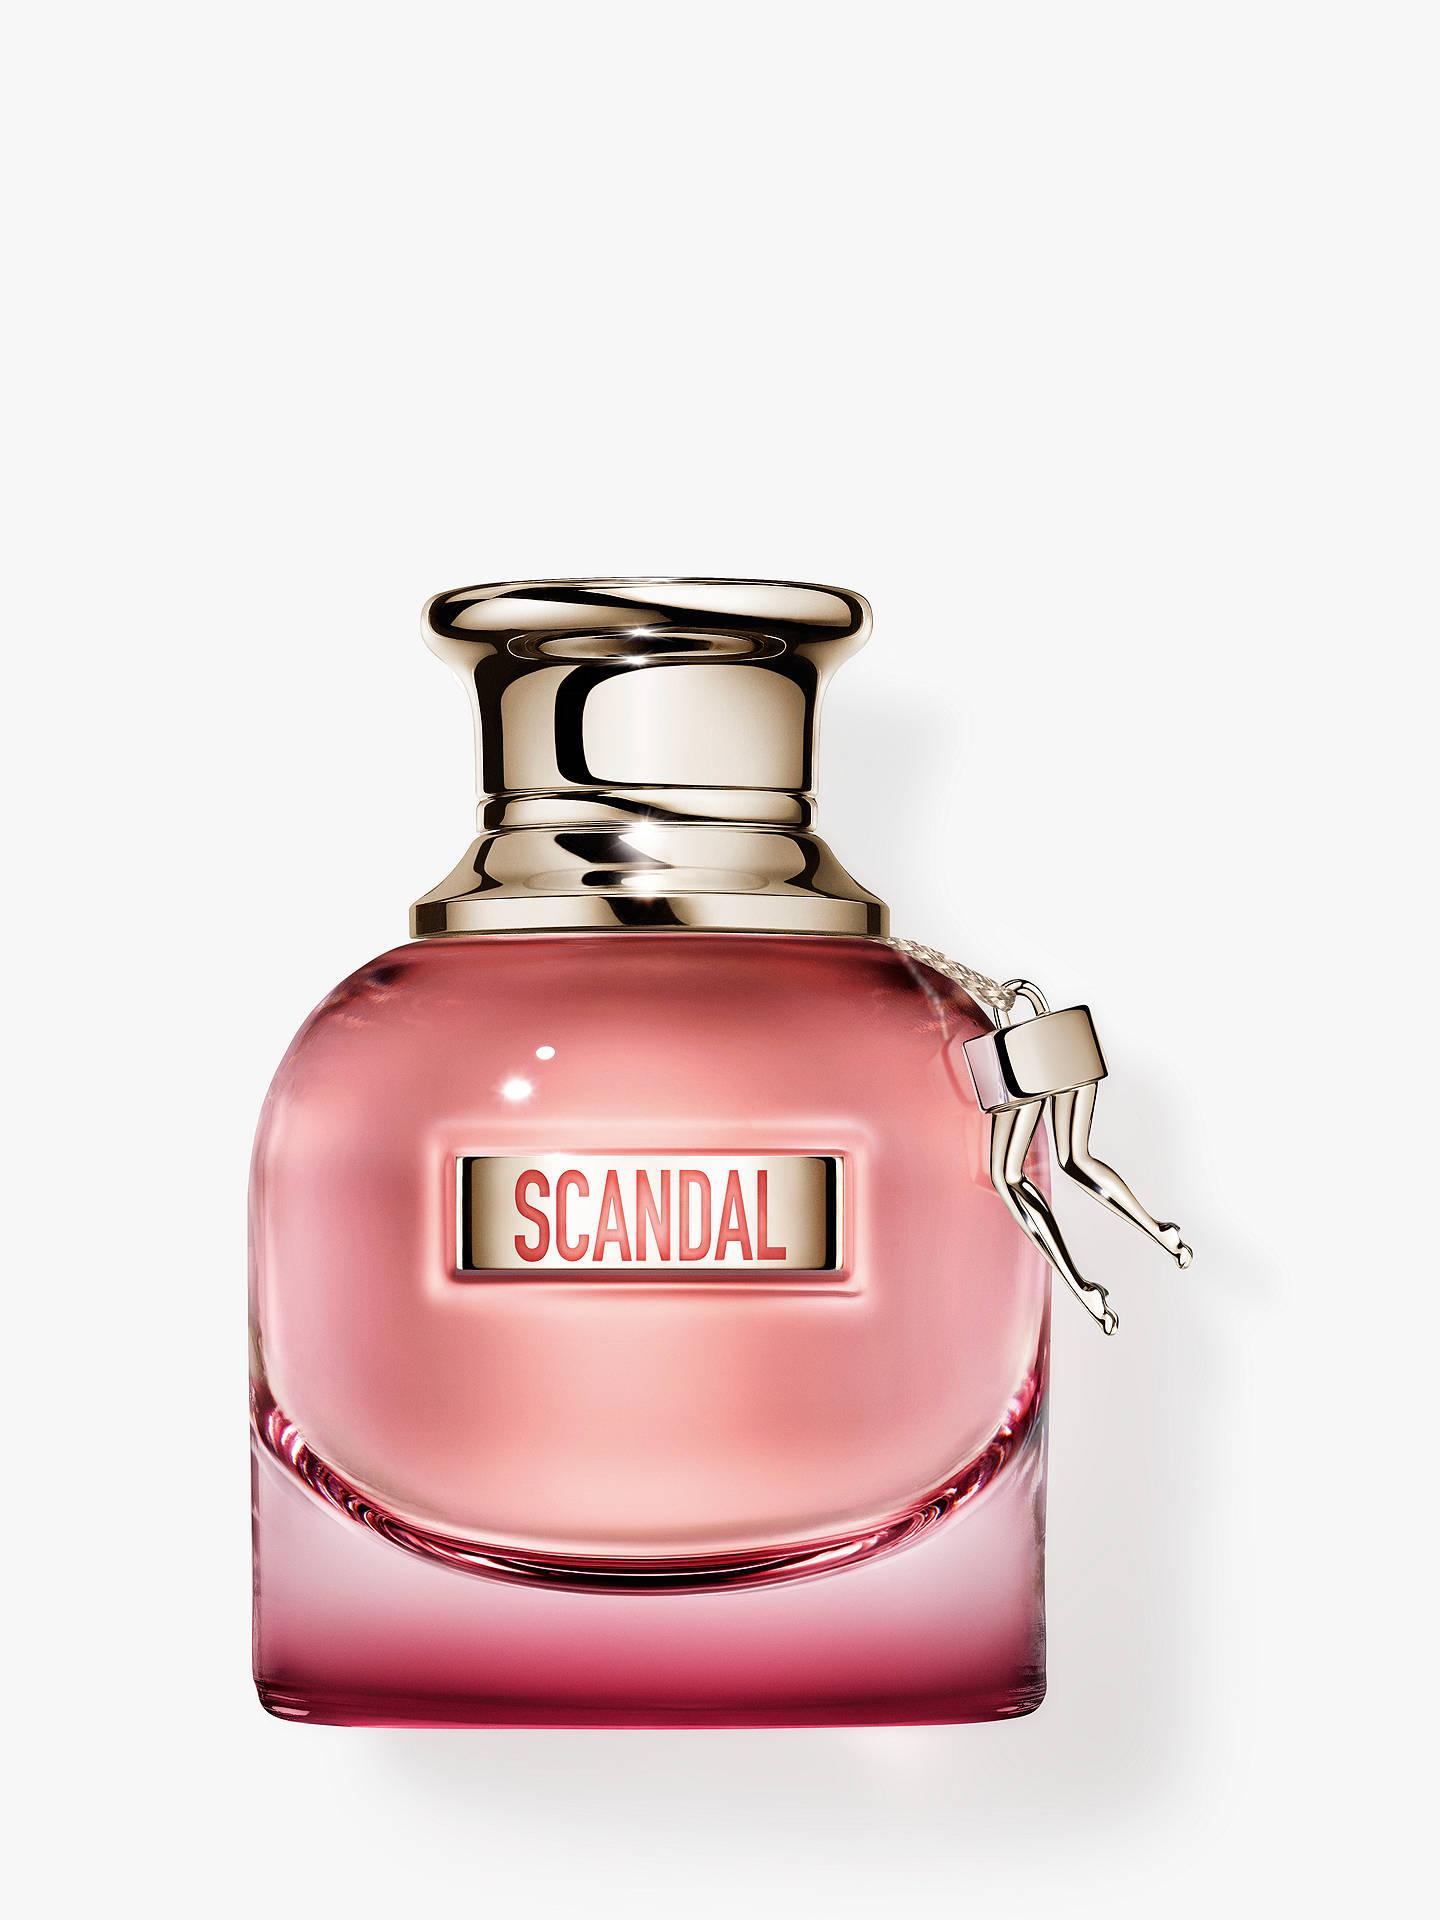 Jean Paul Gaultier Scandal By Night Eau De Parfum At John Lewis